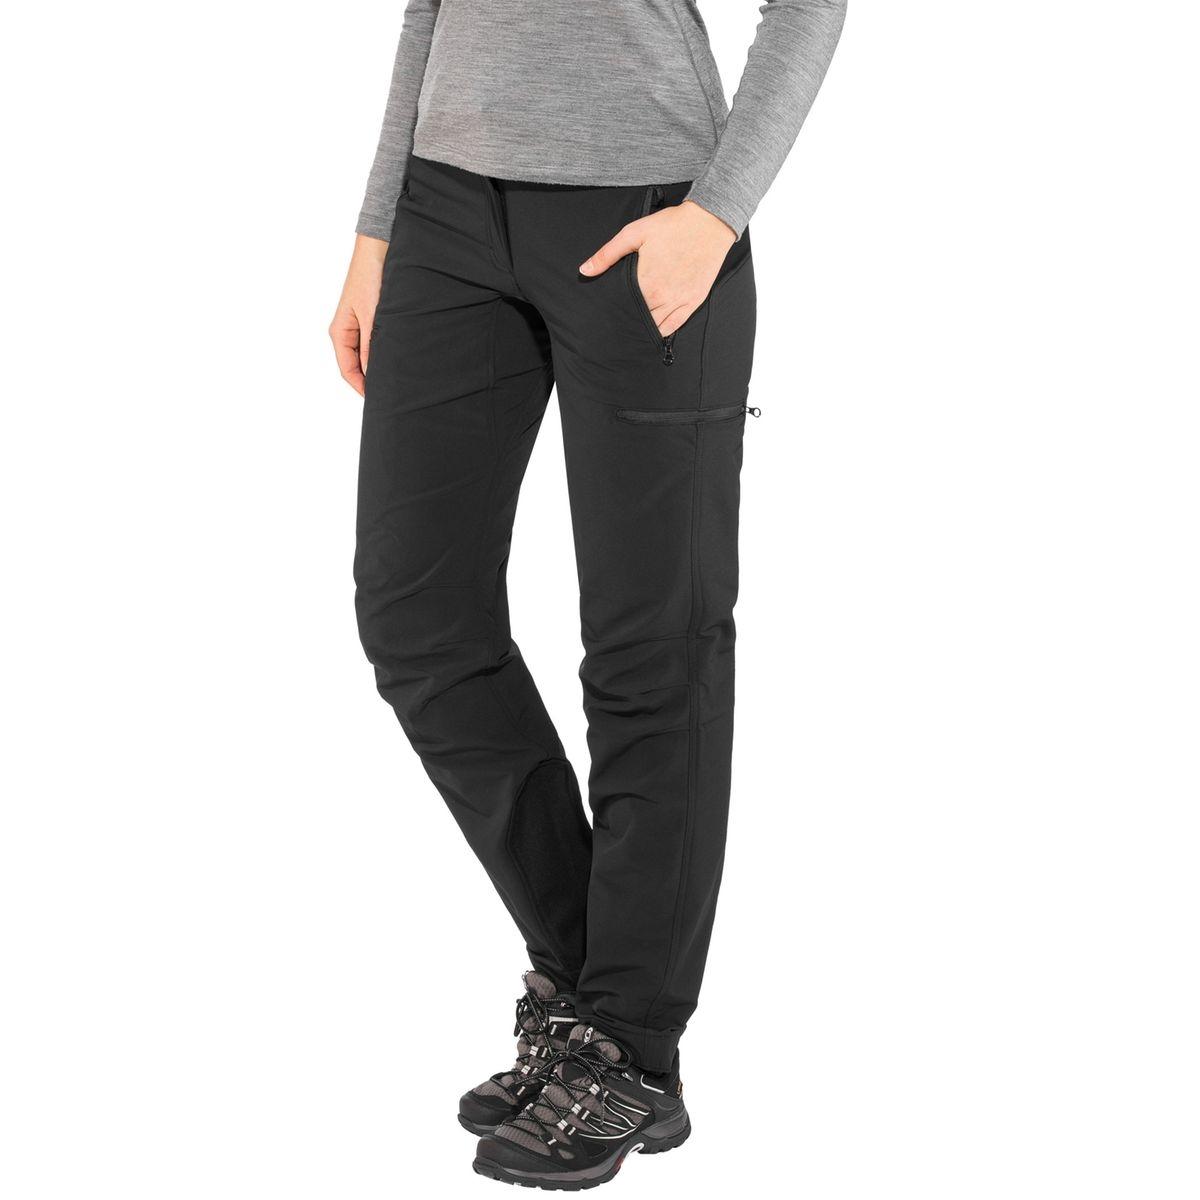 Bowles - Pantalon Femme - noir